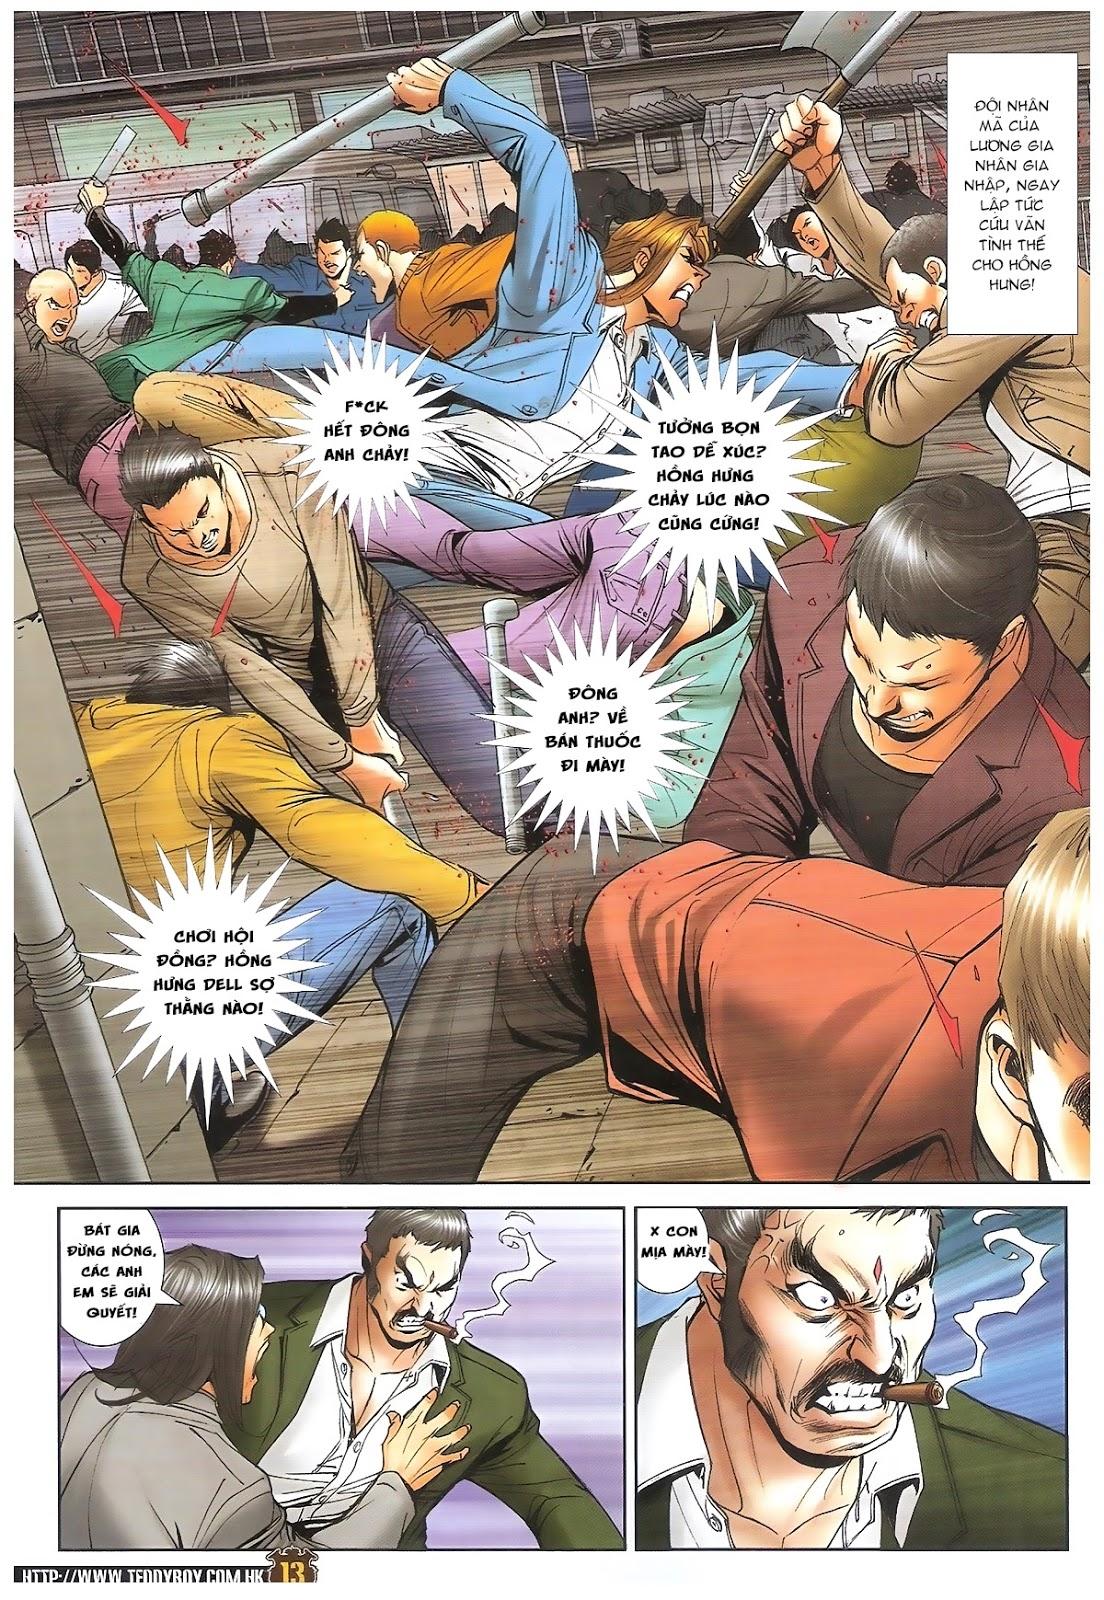 Người Trong Giang Hồ - Ngũ Hổ qui thiên - Chapter 1691: Bắc Giác đại hỏa đấu - Pic 10